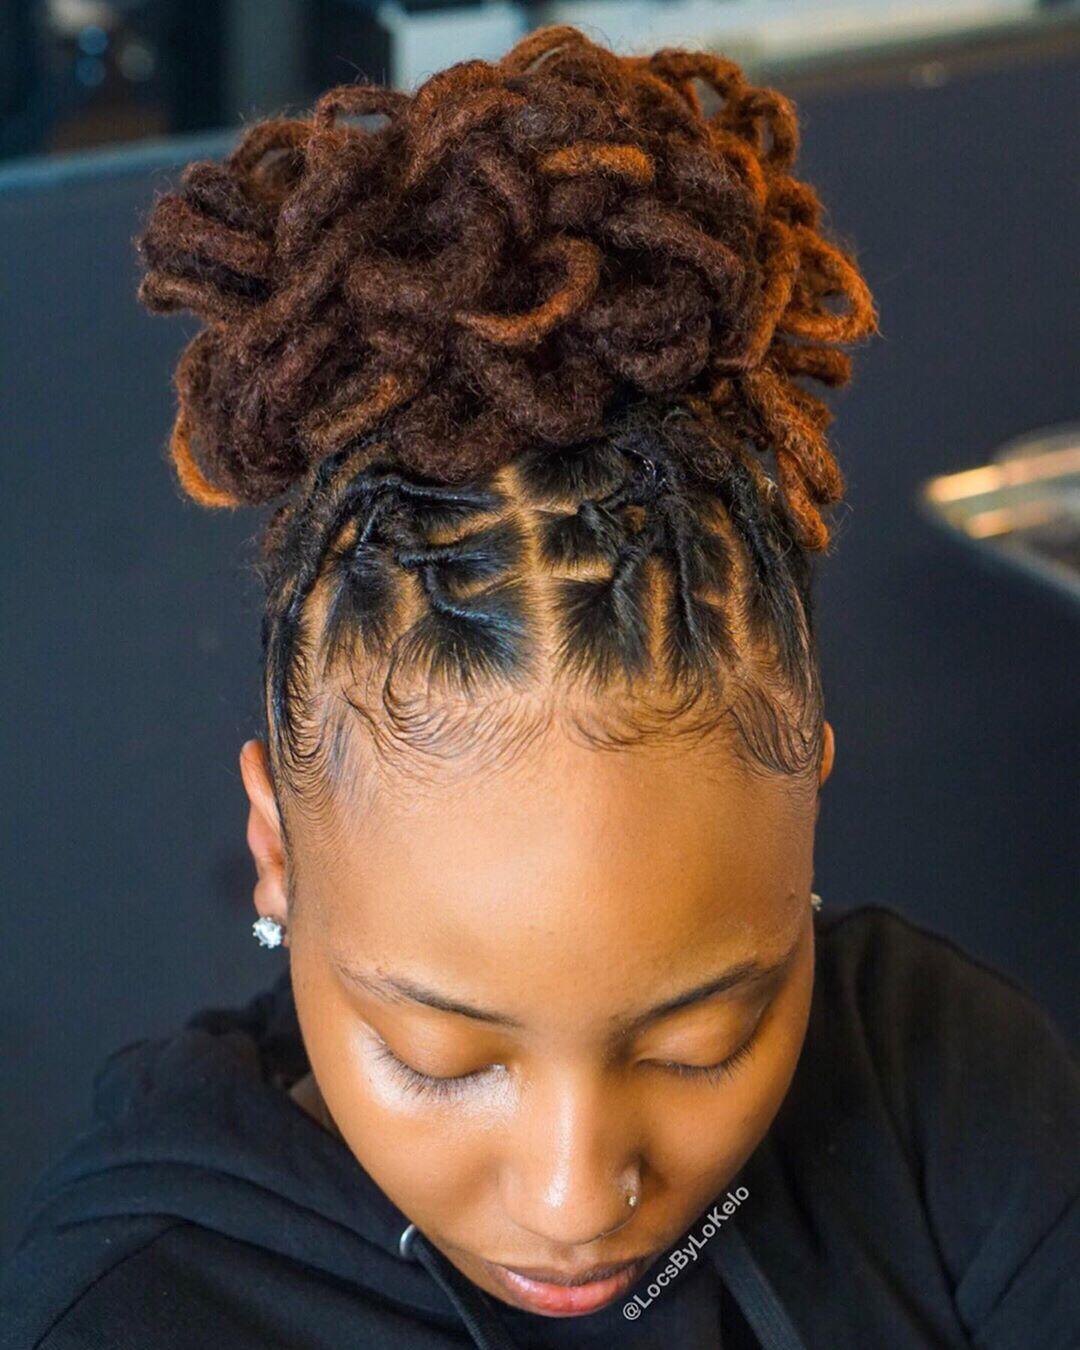 Kingoflocs On Instagram G O O D M O R N I N G Pretty Petal Bun For Her This Look Swipe Short Locs Hairstyles Locs Hairstyles Dreadlock Hairstyles